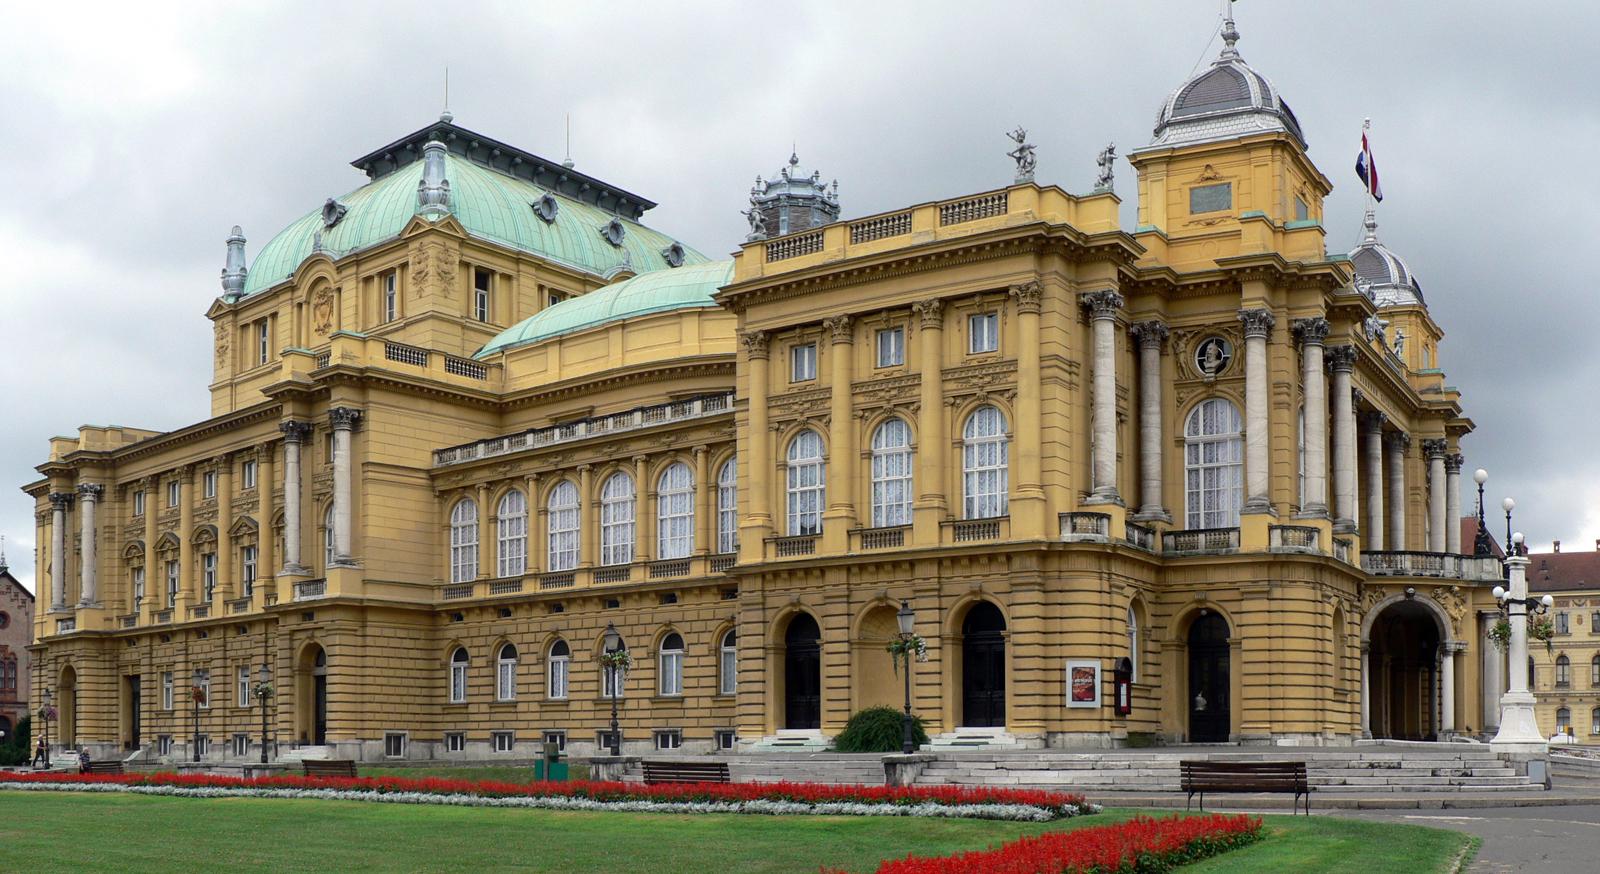 Хорватский национальный театр, Загреб